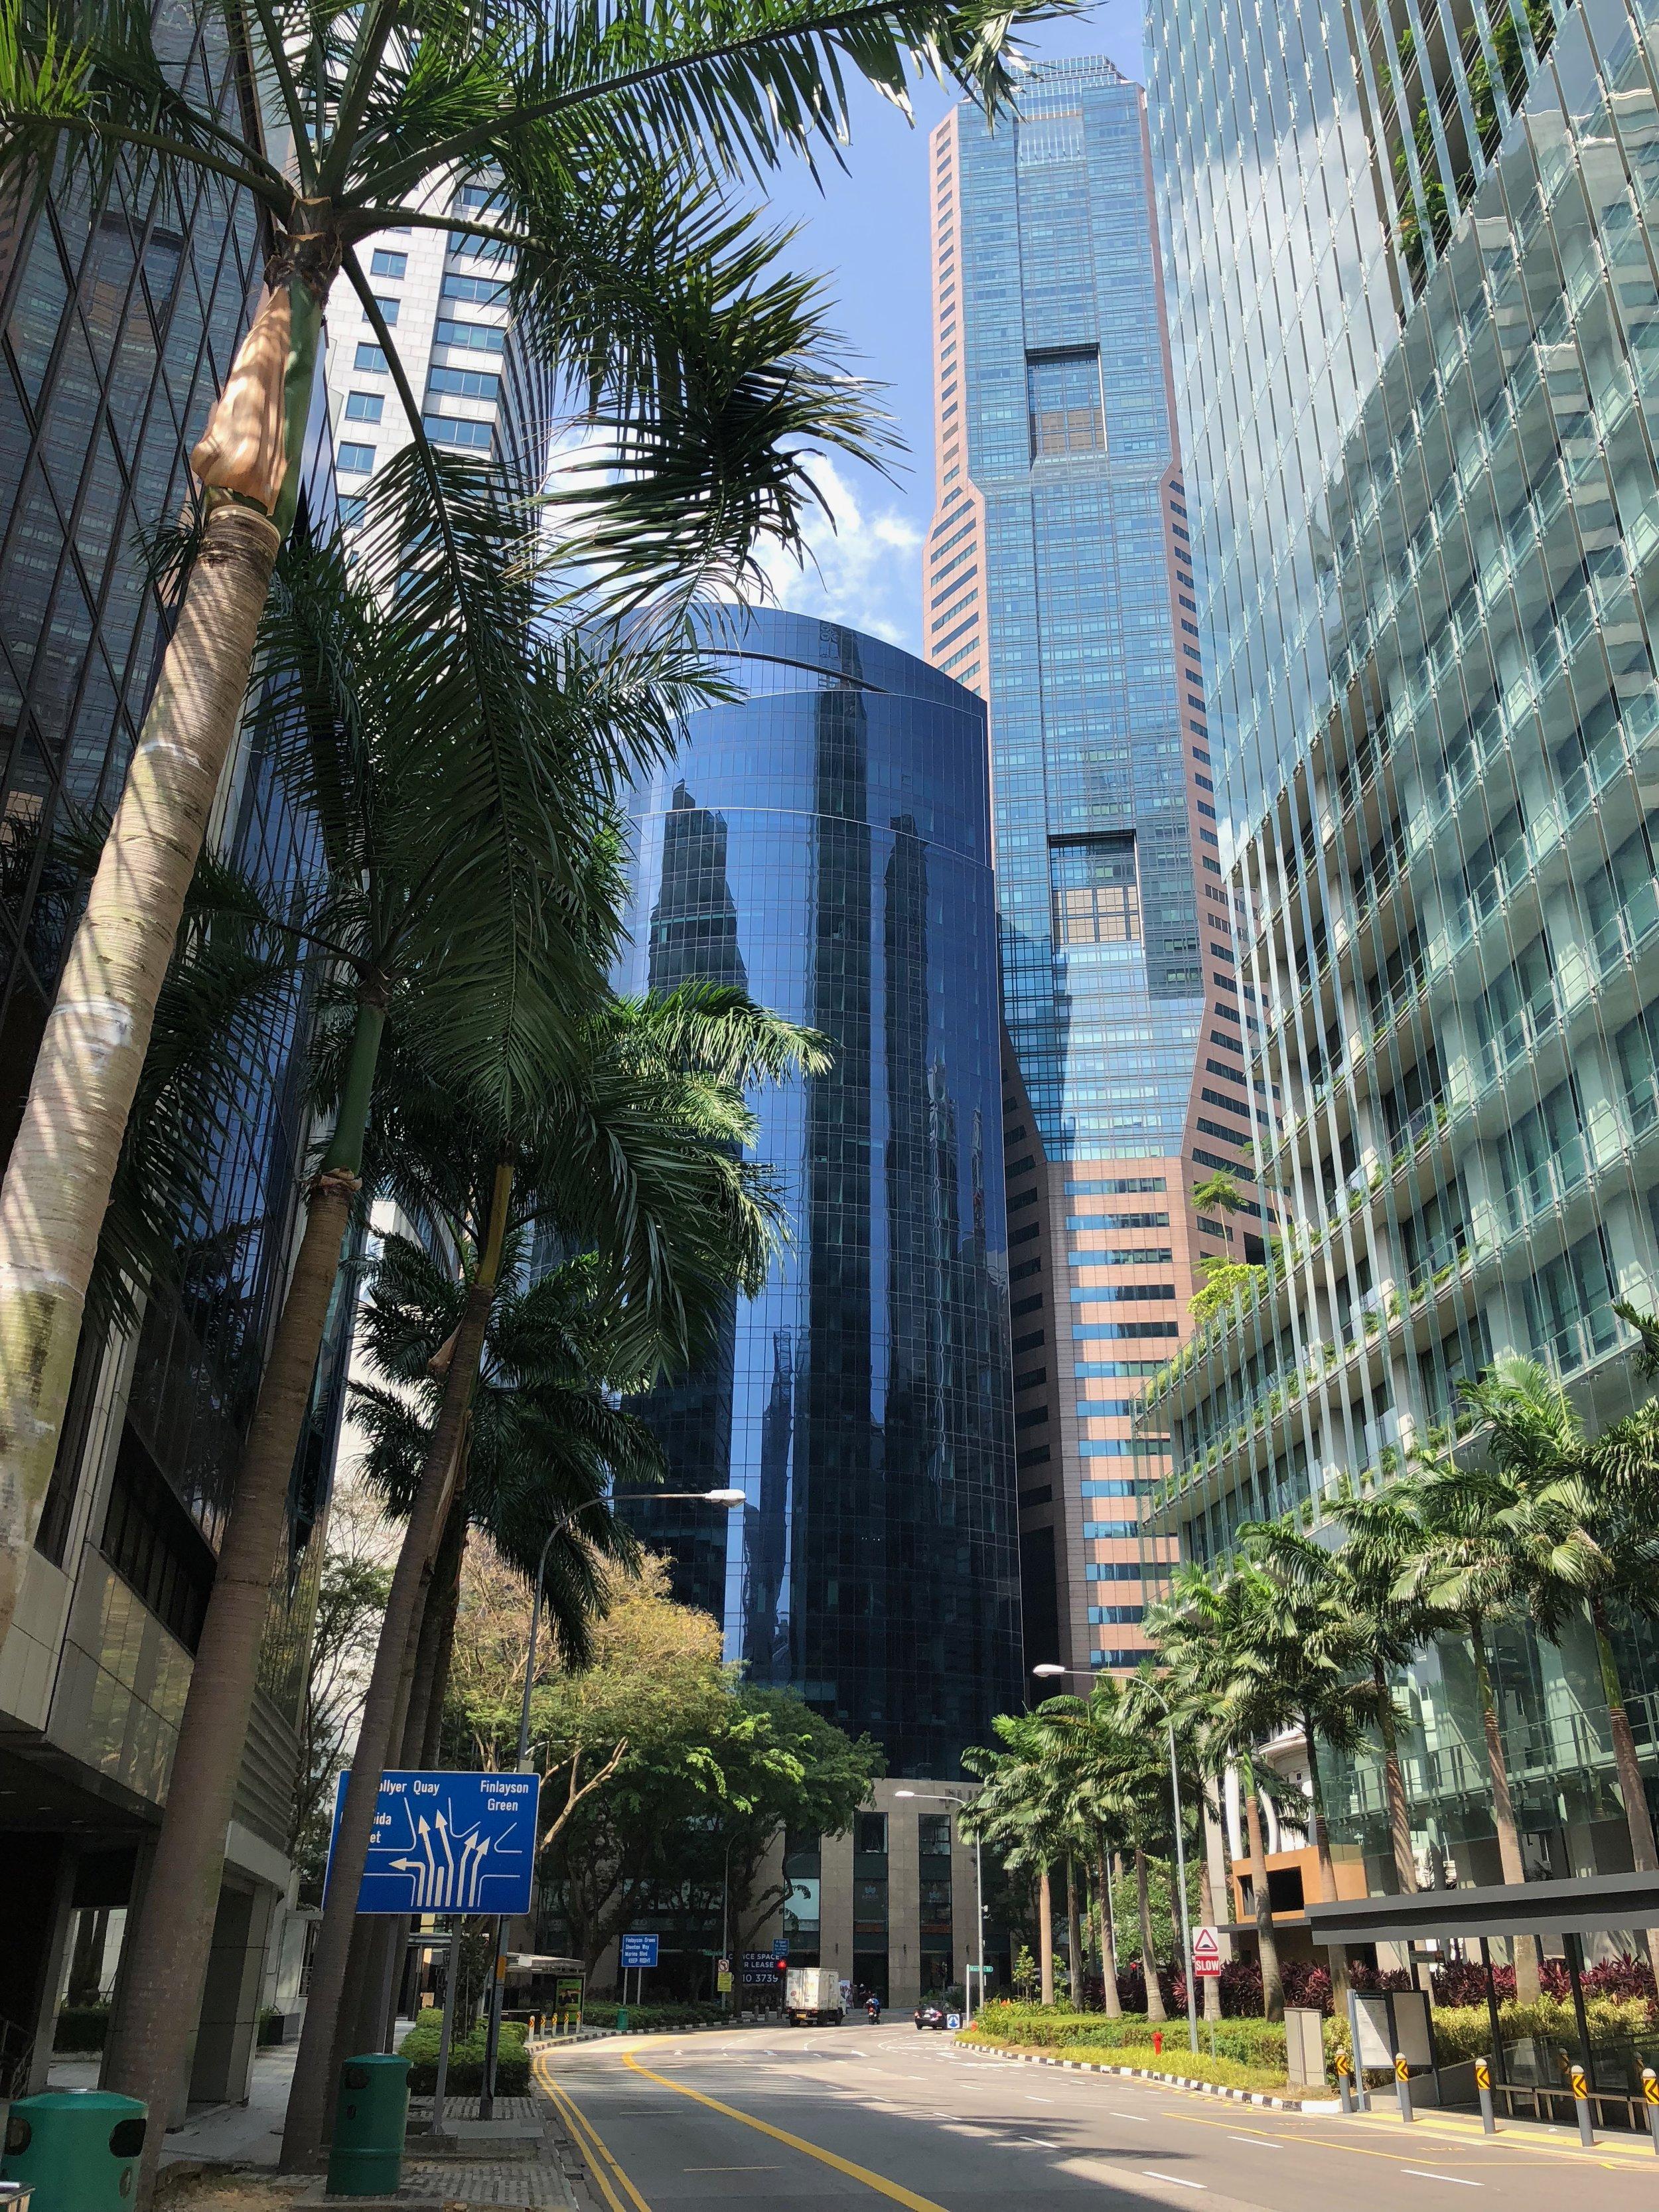 Caminaba por el Downtown Core para alcanzar las atracciones que más quería ver. Me gustaba como había tantos edificios y al mismo tiempo tantas palmeras. Era como una jungla en una ciudad metropolitano.